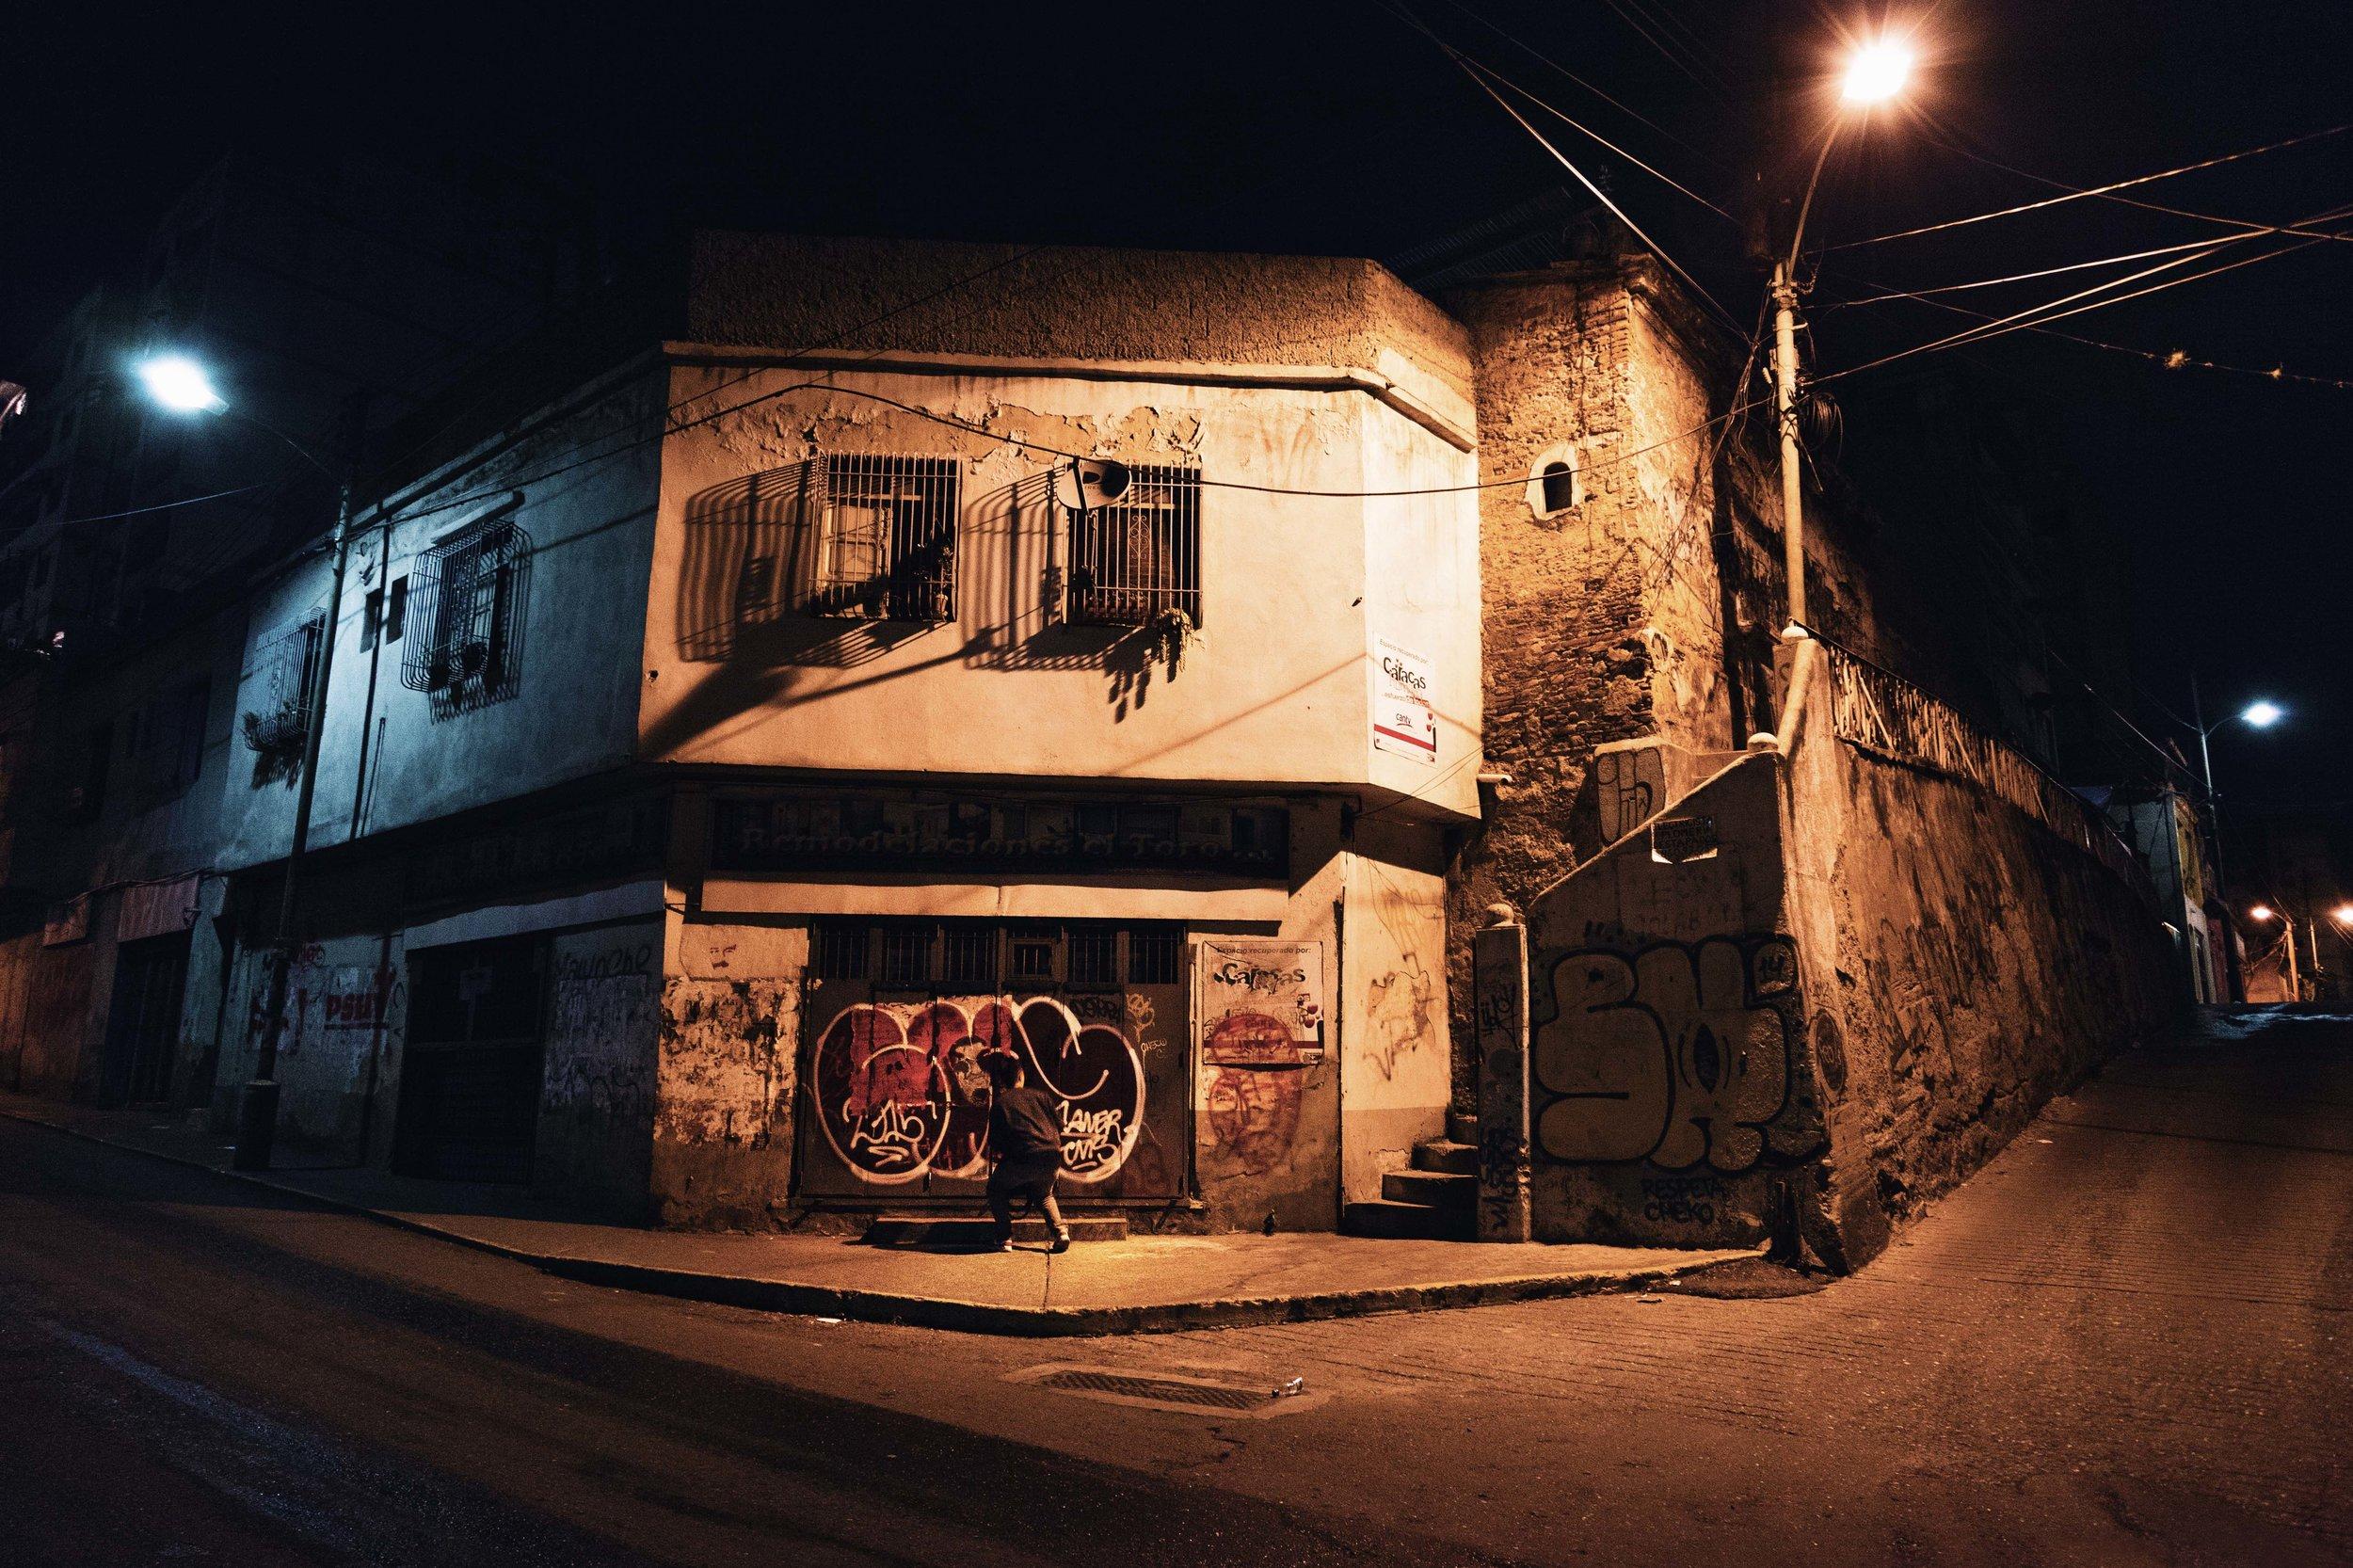 Loureiro_Caracas by Night_39.jpg